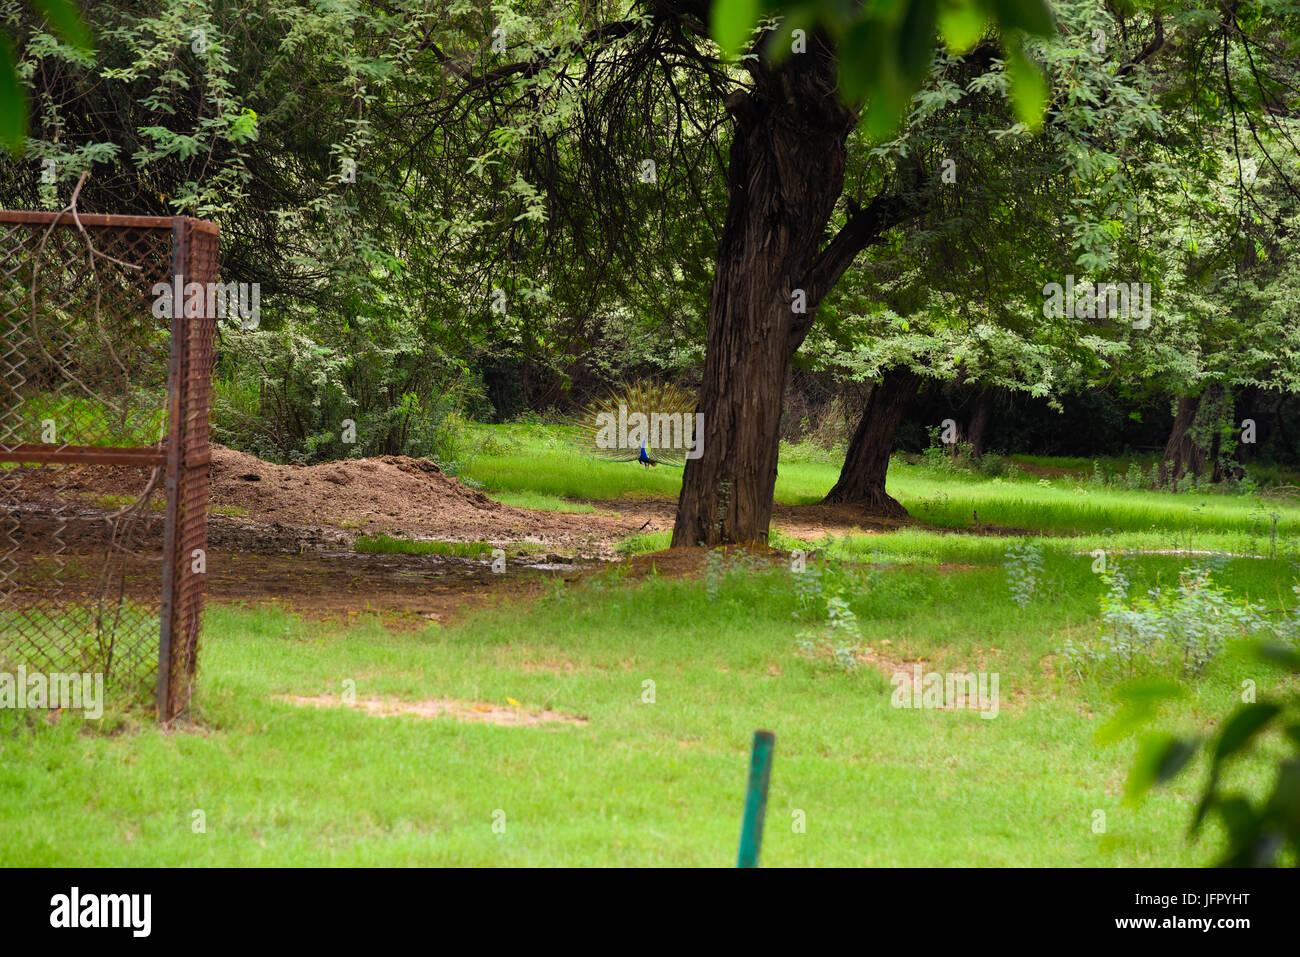 L'oiseau national de l'Inde dans l'air extérieur Peacock green nature parc ou forêt en mois de juin 2017 après la pluie Banque D'Images